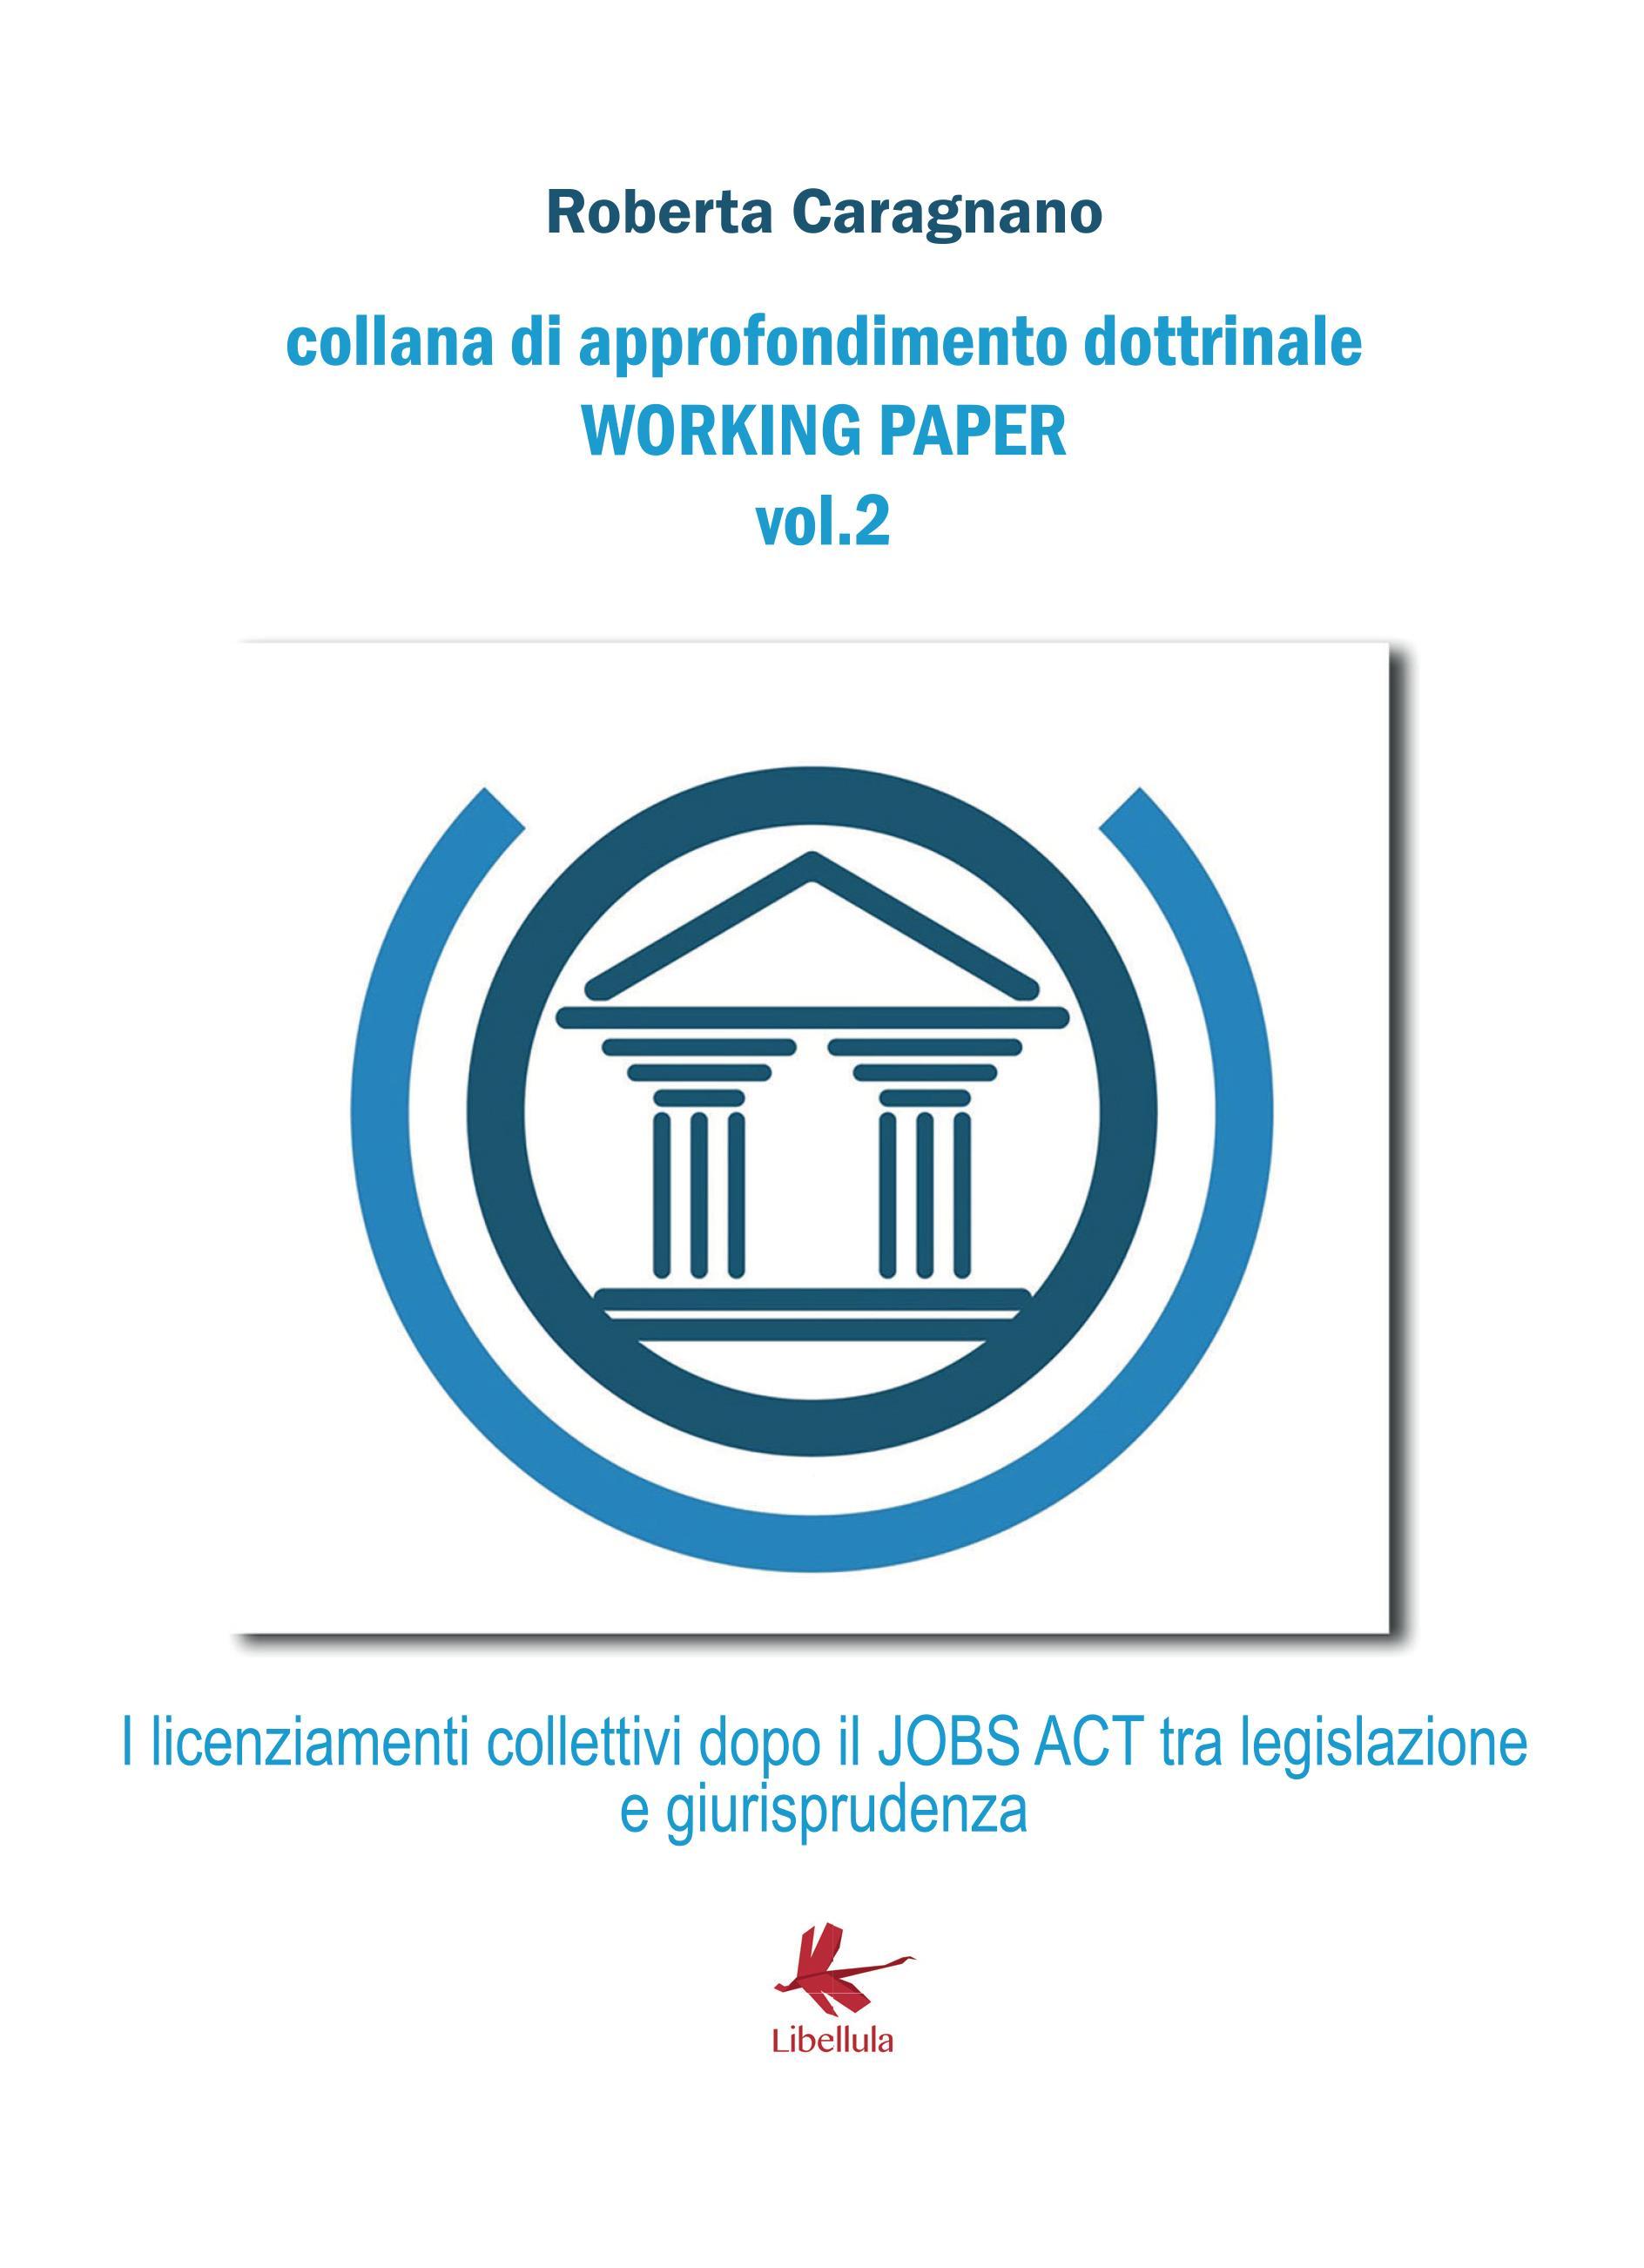 I licenziamenti collettivi dopo il jobs act: Tra legislazione e giurisprudenza